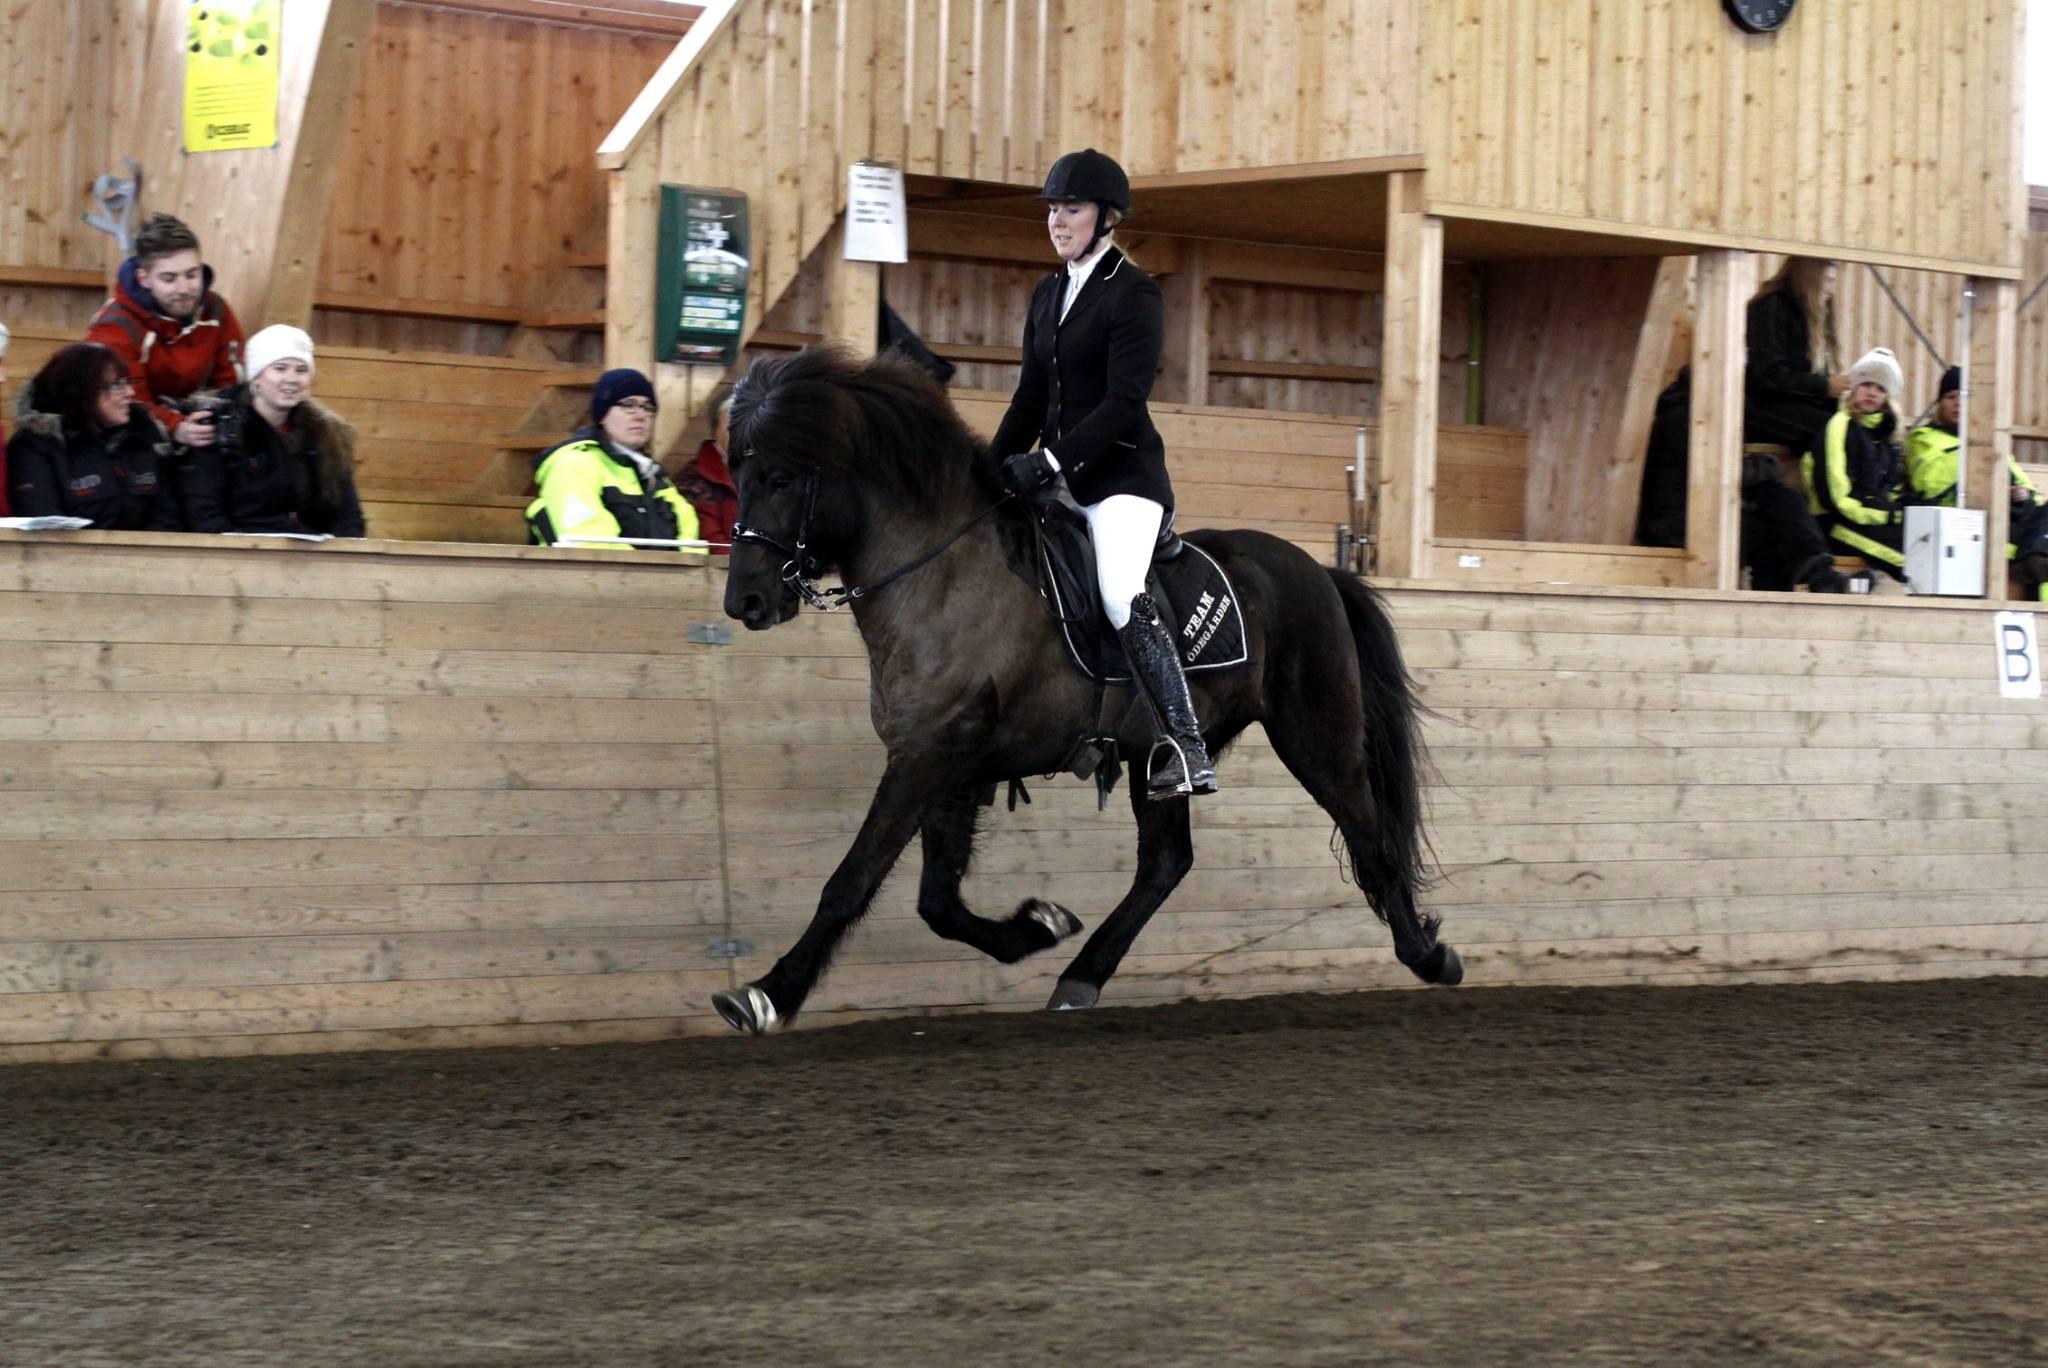 En av ryttarna som utmärkte sig resultatmässigt under dagen var Madelen Johanson som lyckades nå förstaplaceringen i både V5 och V1 under denna uttagningsdag med hästarna Fagur från Skärmnäs (V1) och Keila från Hvidagården (V5). Madelen fick även deltävlingens pris för bästa senior. Foto: Matilda Persson